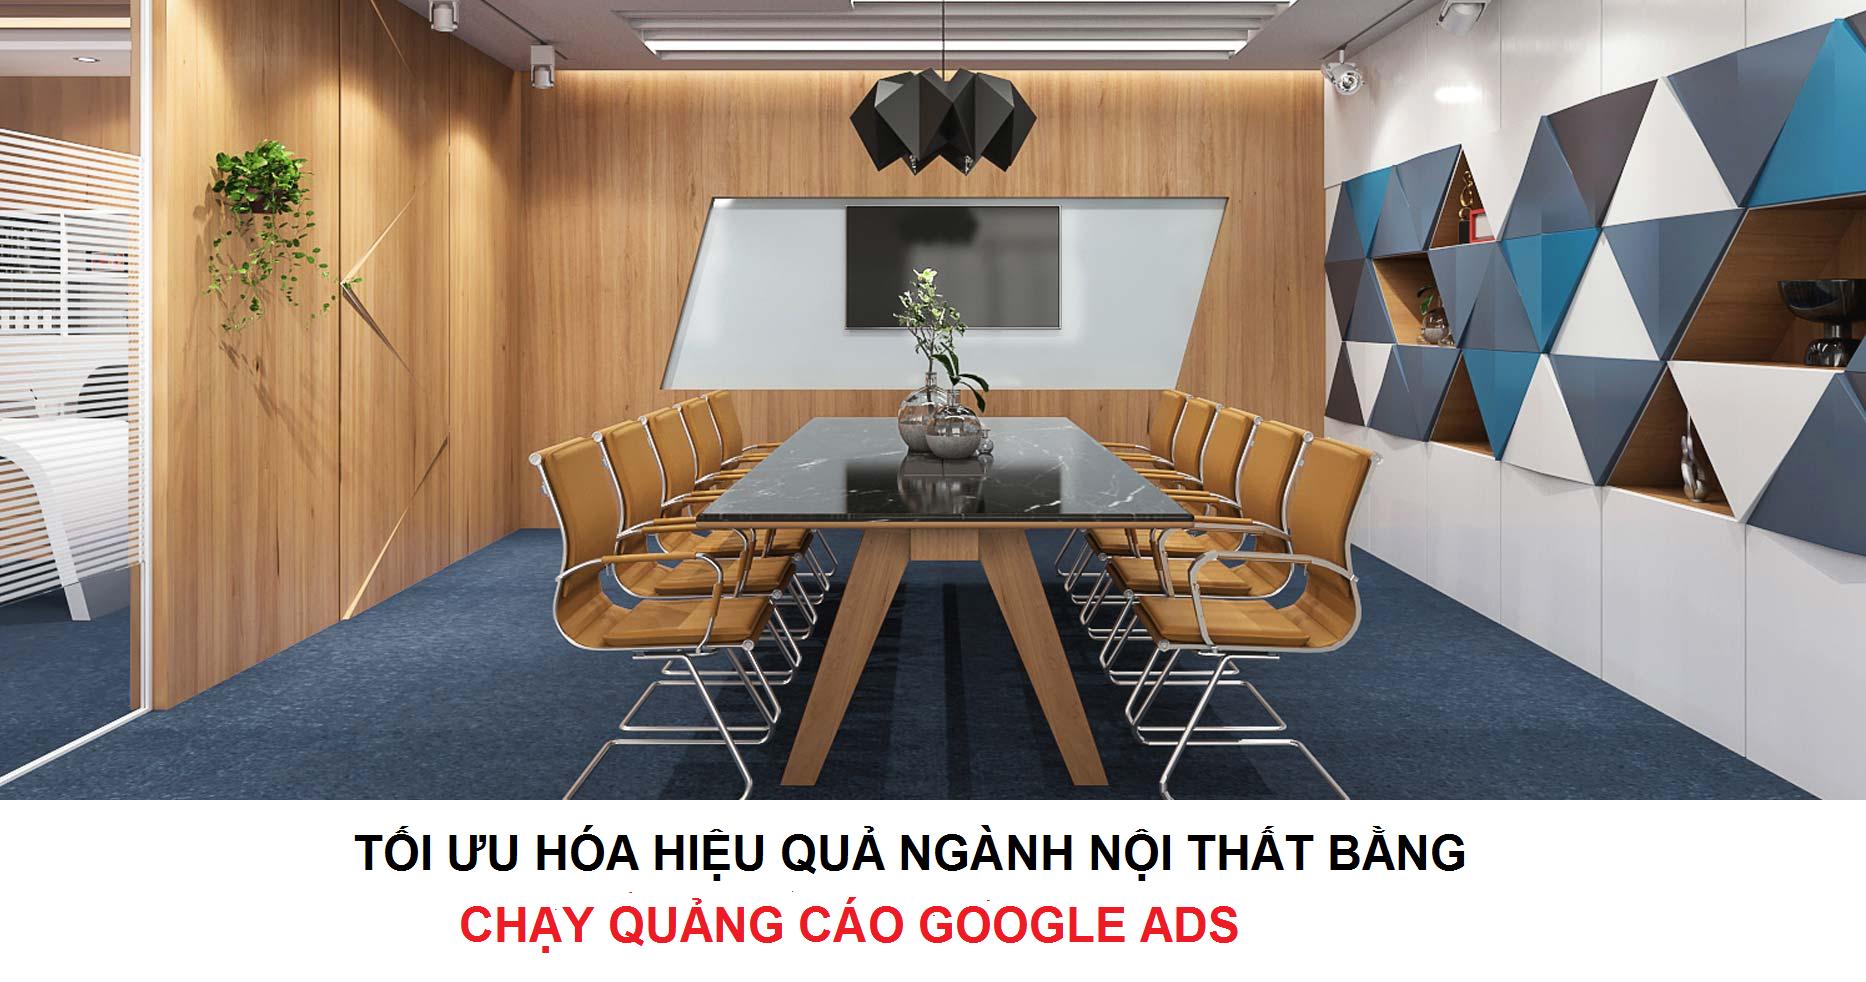 Chạy quảng cáo Adwords cho ngành Nội Thất - MẸO tối ưu hiệu quả 1